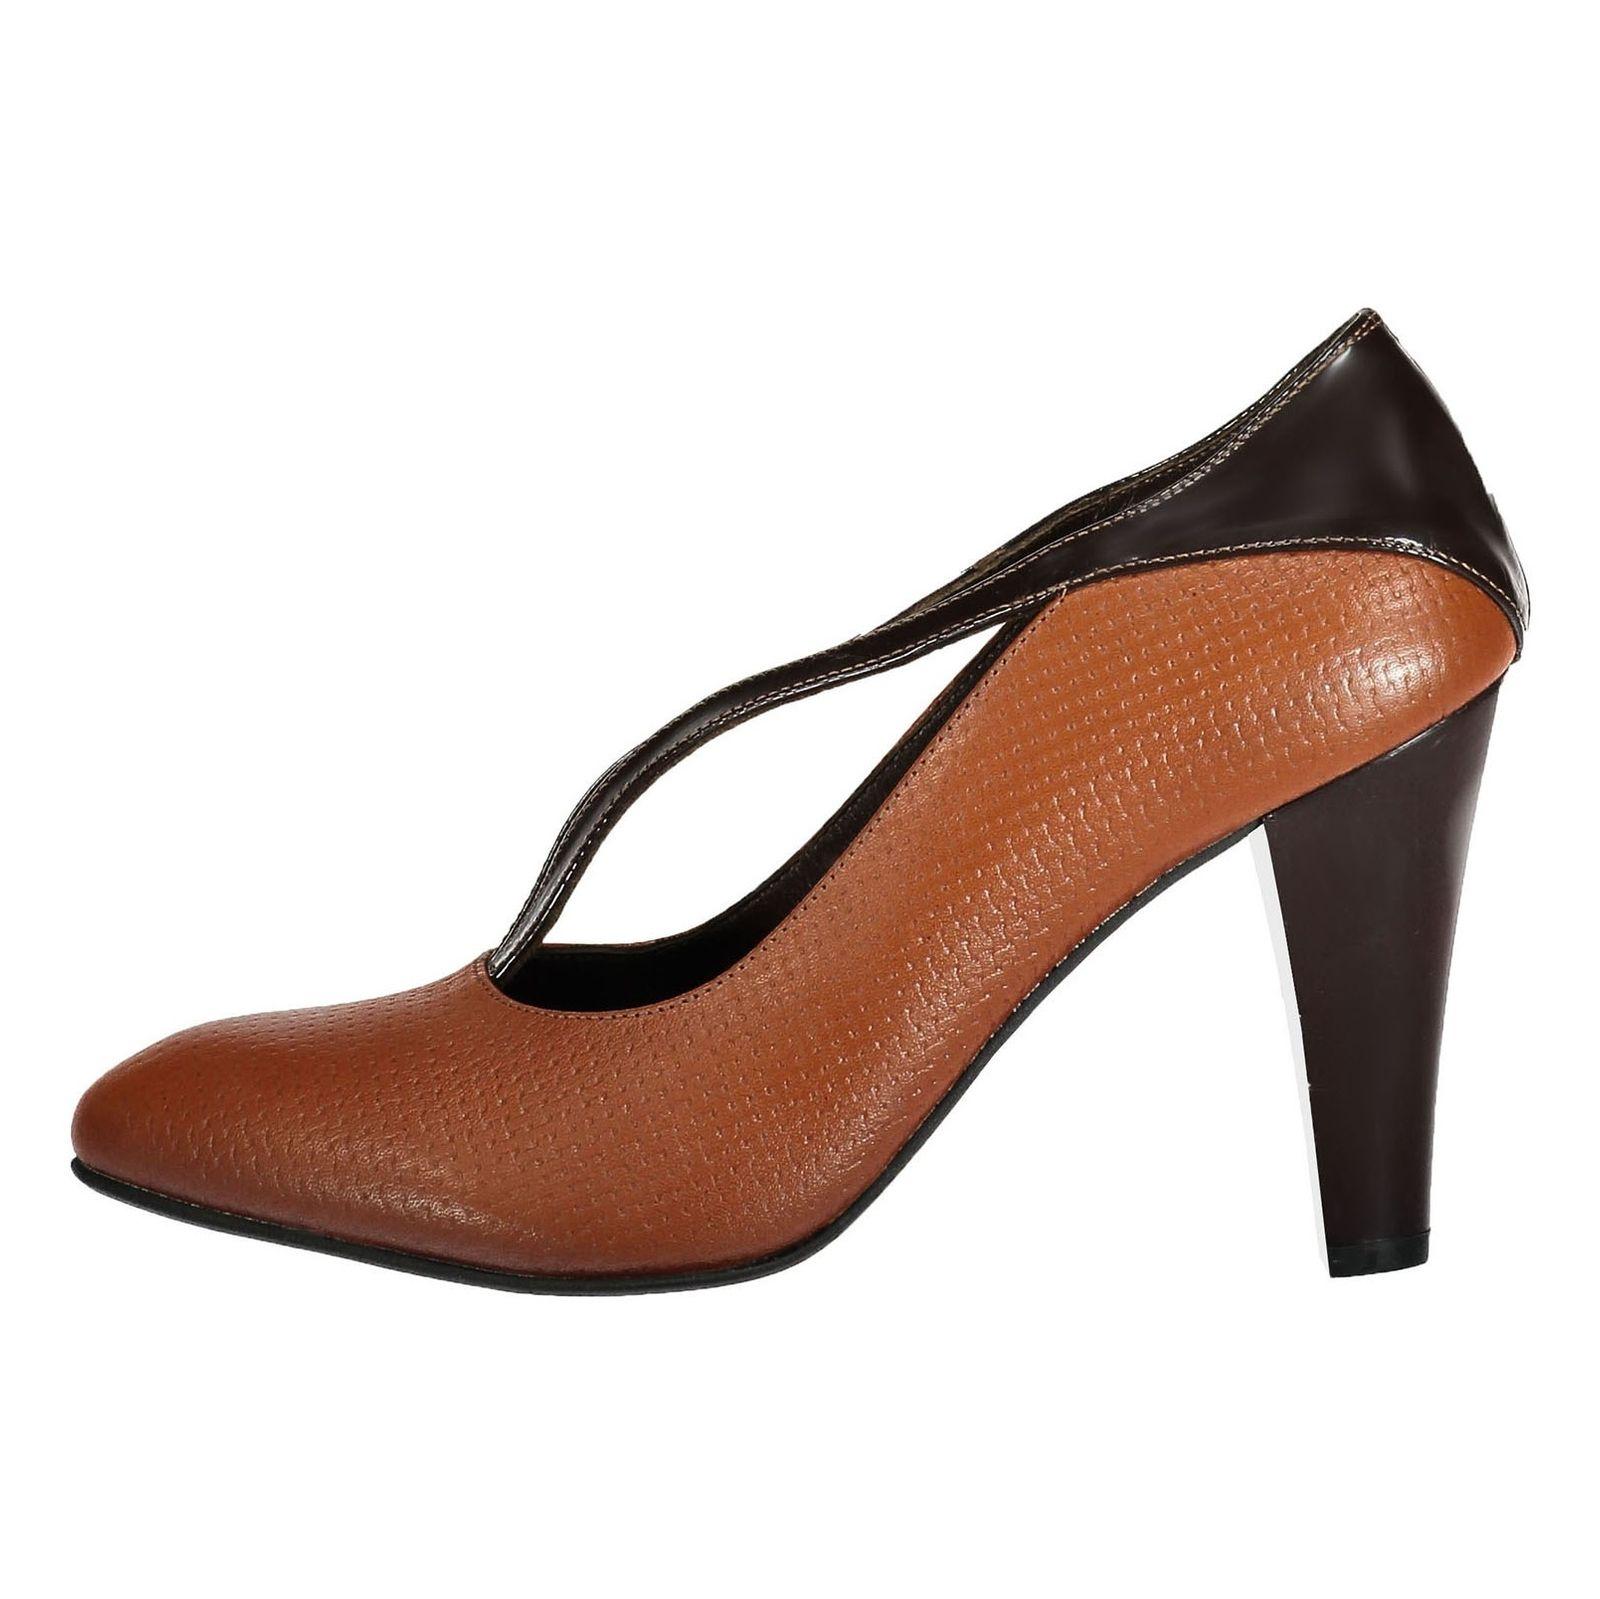 کفش پاشنه بلند چرم زنانه - شهر چرم - قهوه ای و عسلی - 2